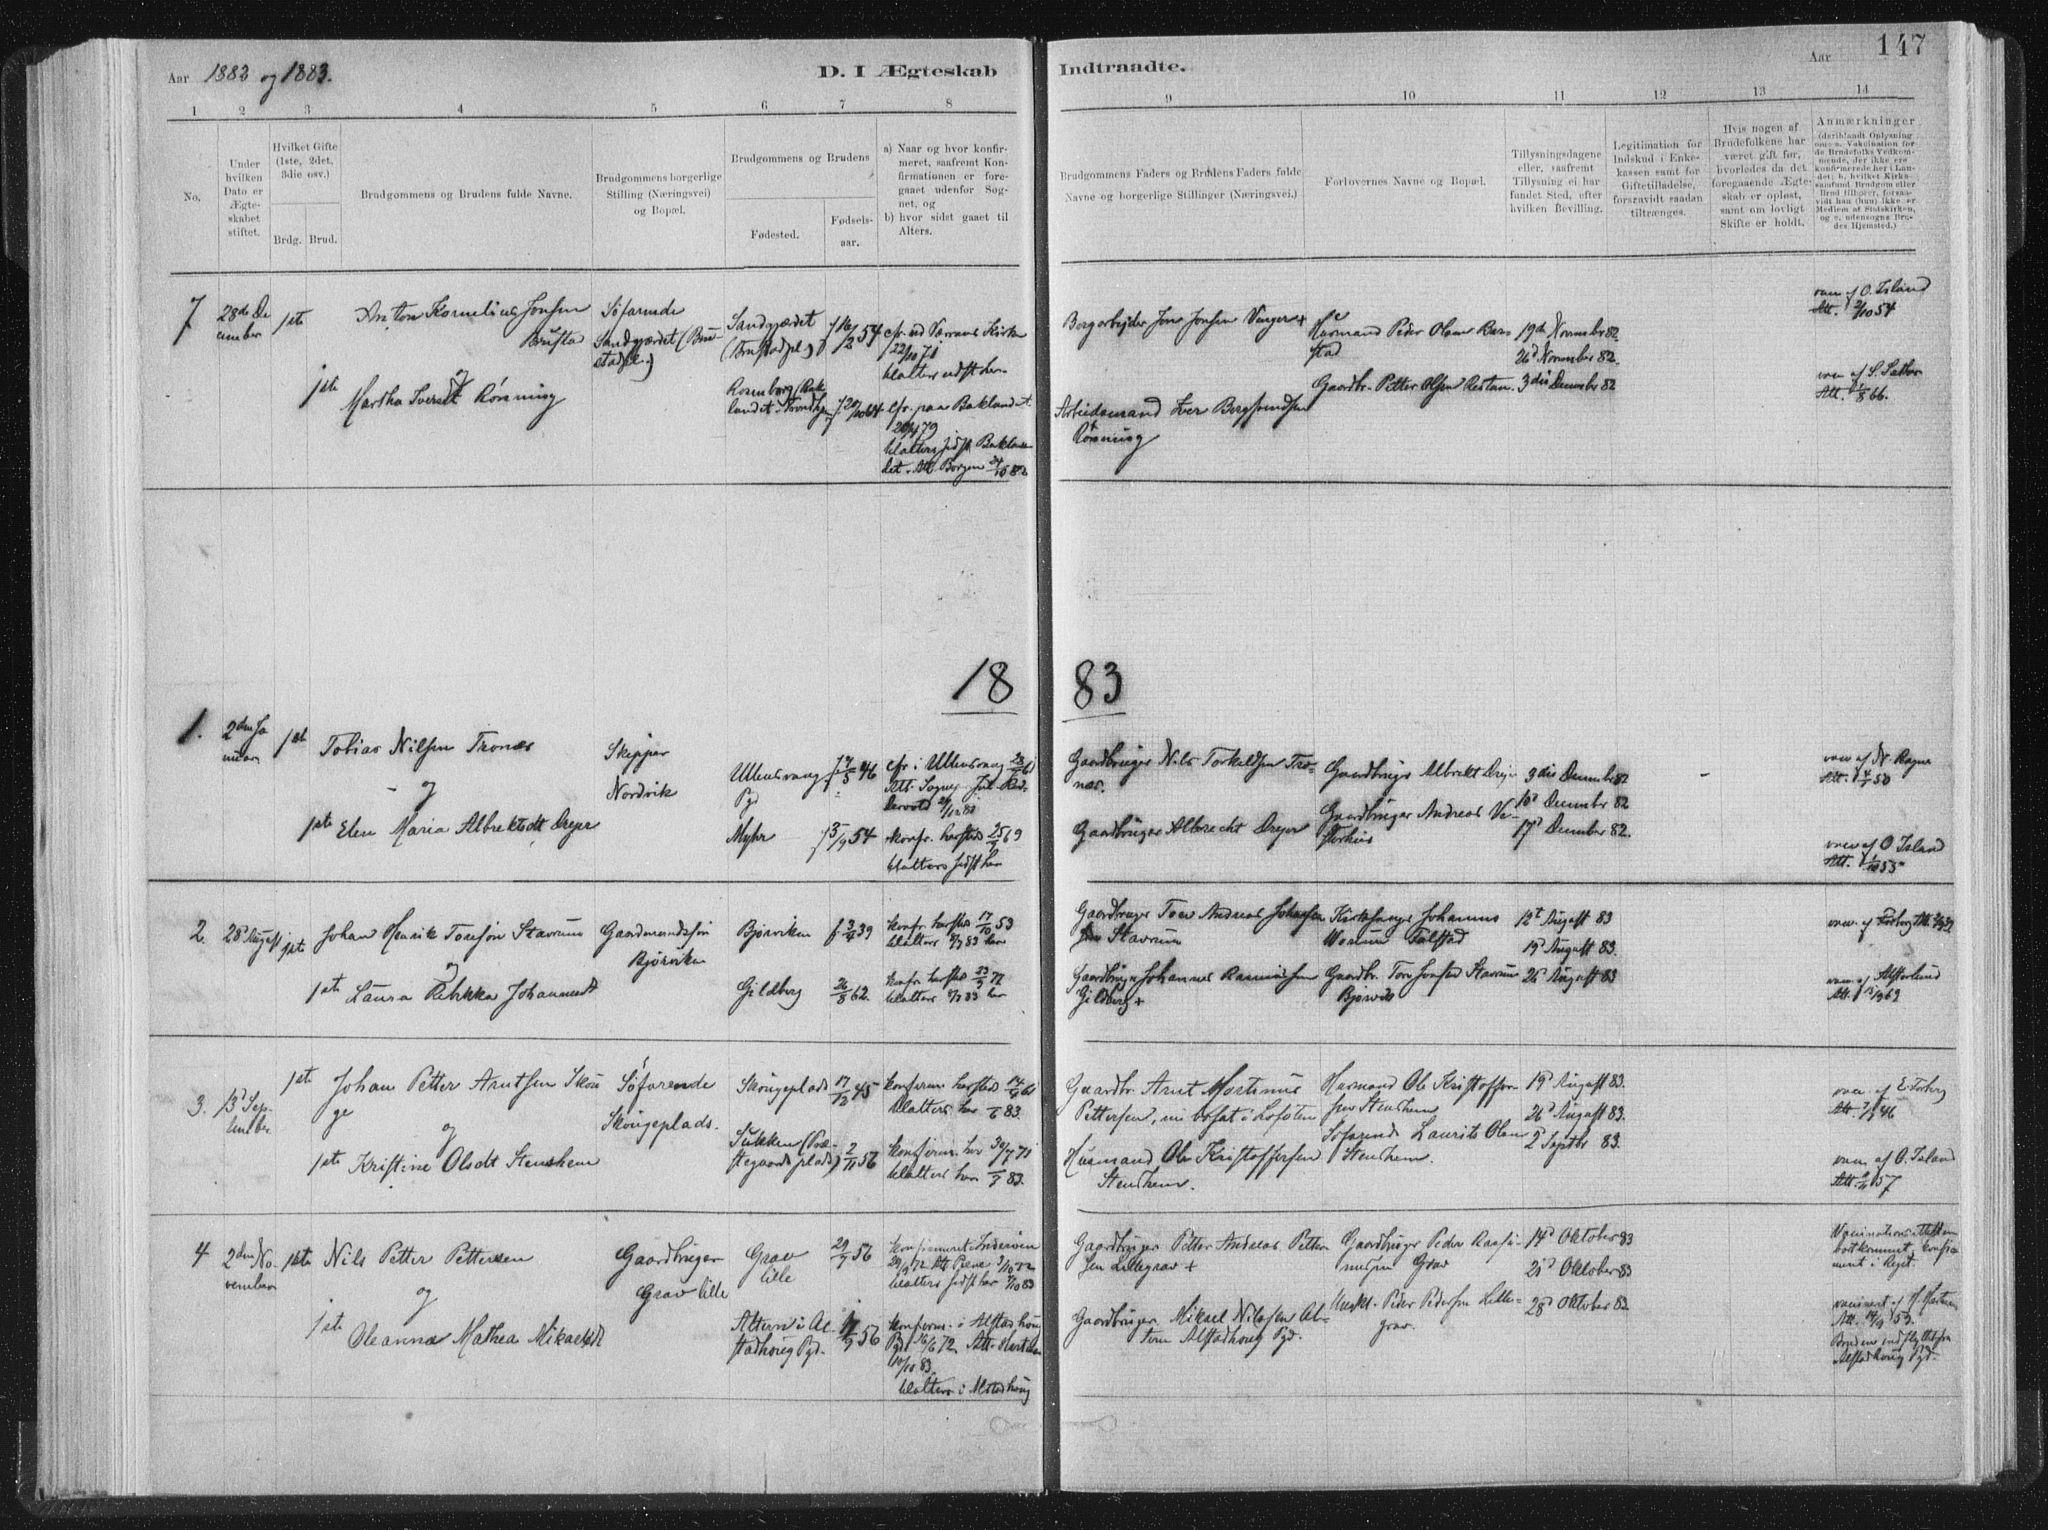 SAT, Ministerialprotokoller, klokkerbøker og fødselsregistre - Nord-Trøndelag, 722/L0220: Ministerialbok nr. 722A07, 1881-1908, s. 147